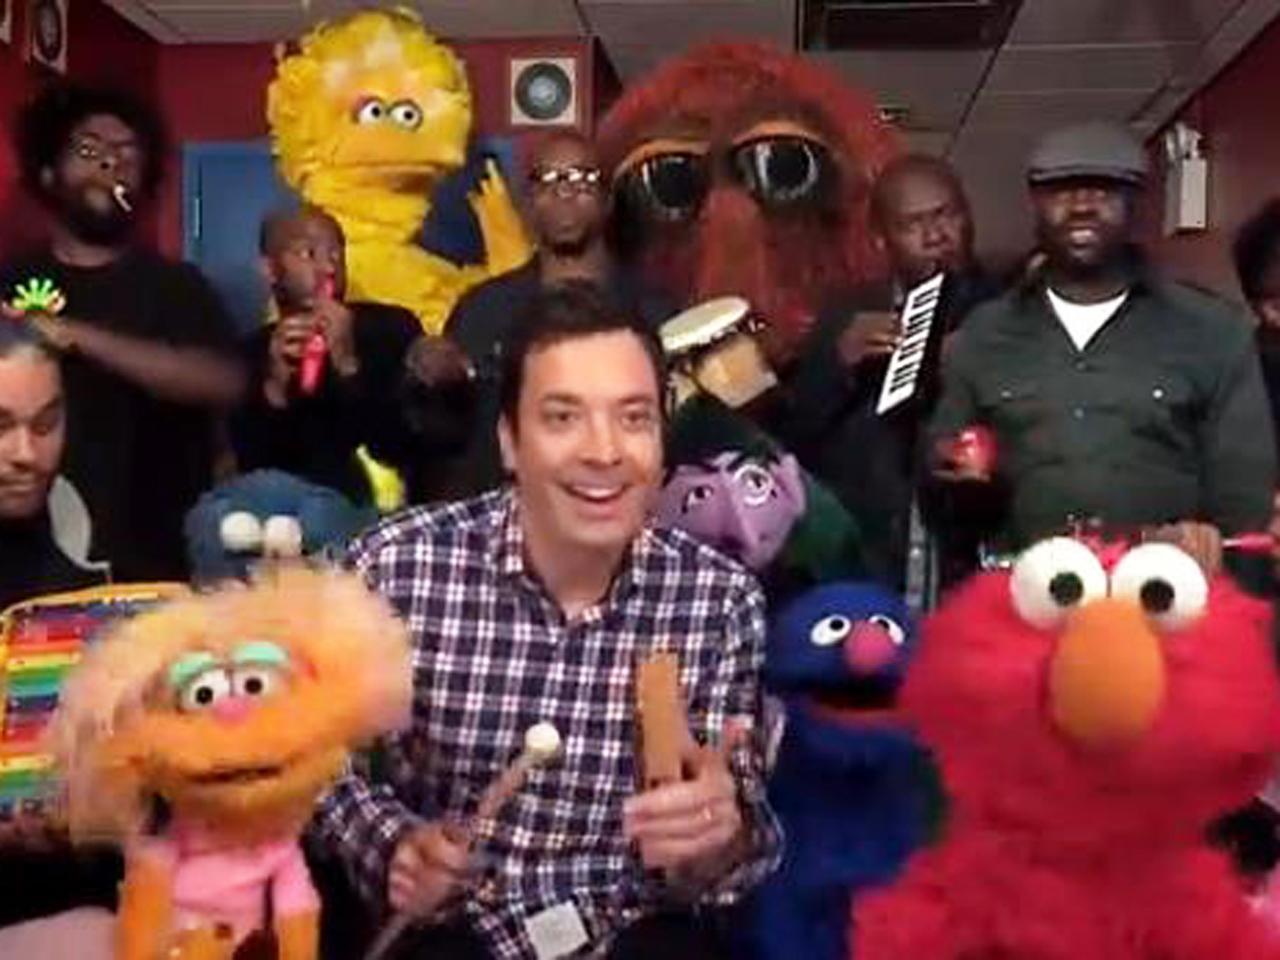 Image: Jimmy Fallon and Muppets